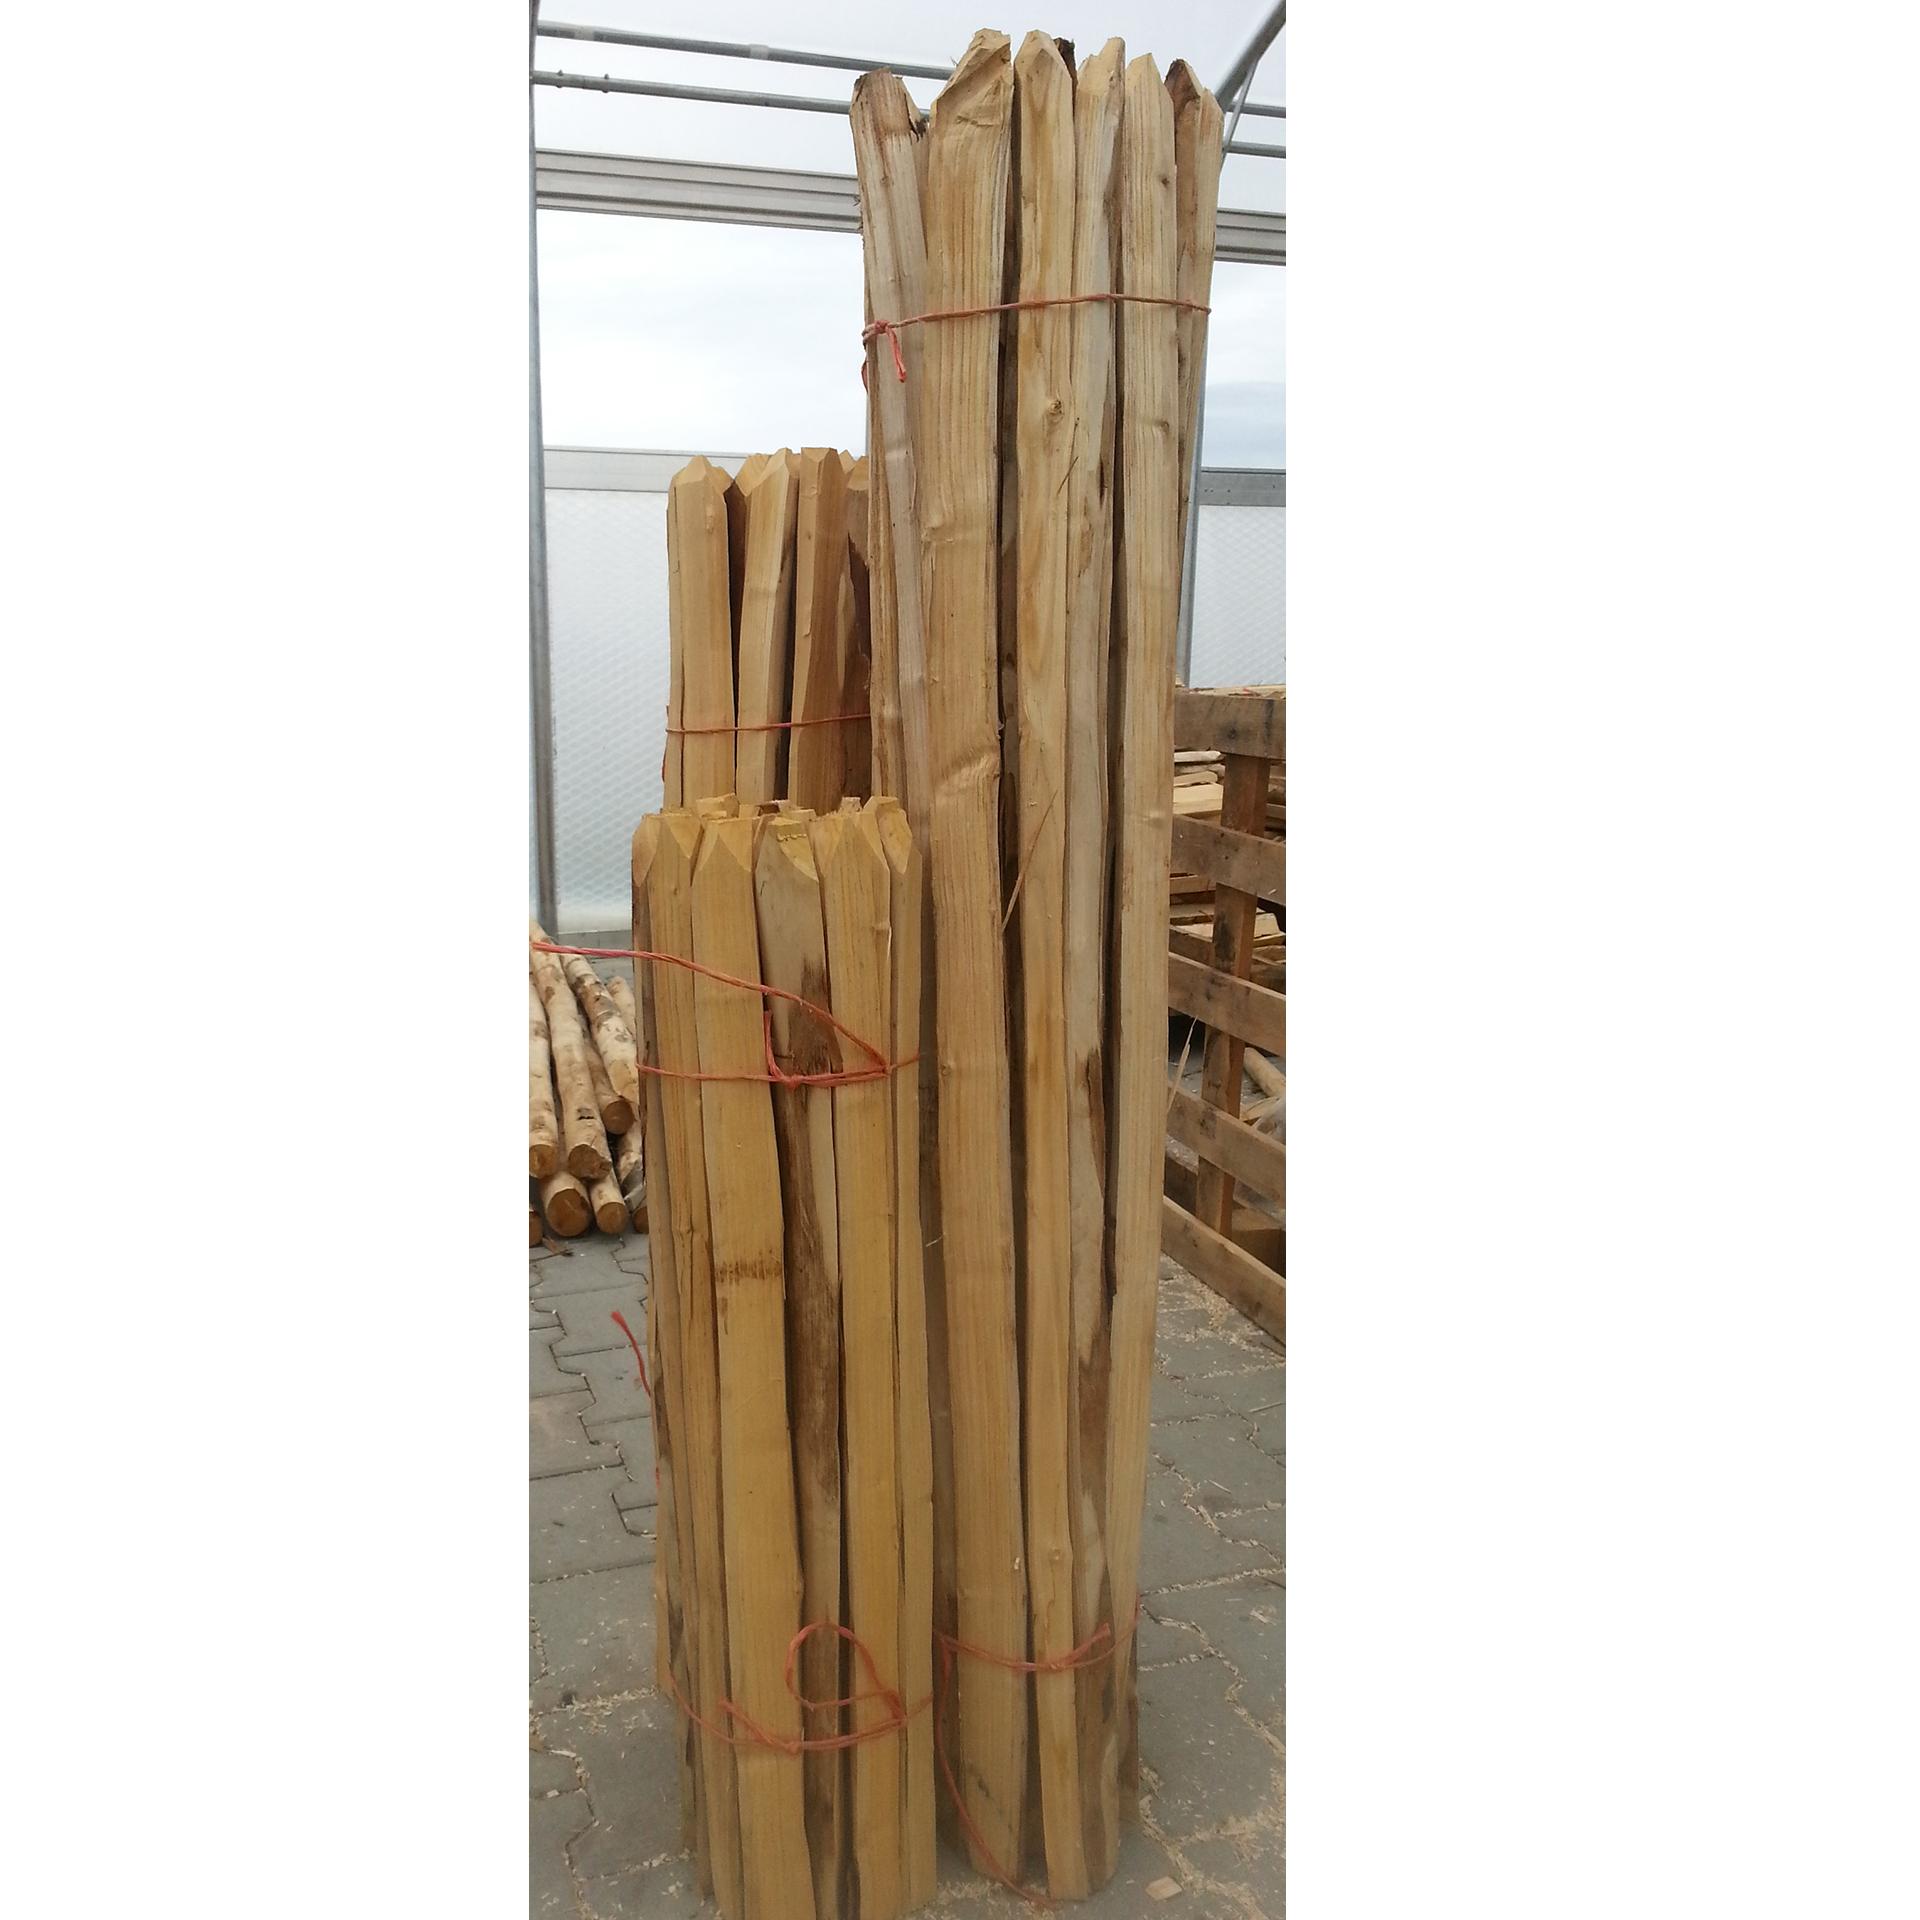 Einzelstaketen 100cm Edelkastanienholz Ø3-4cm, 25 Stk.